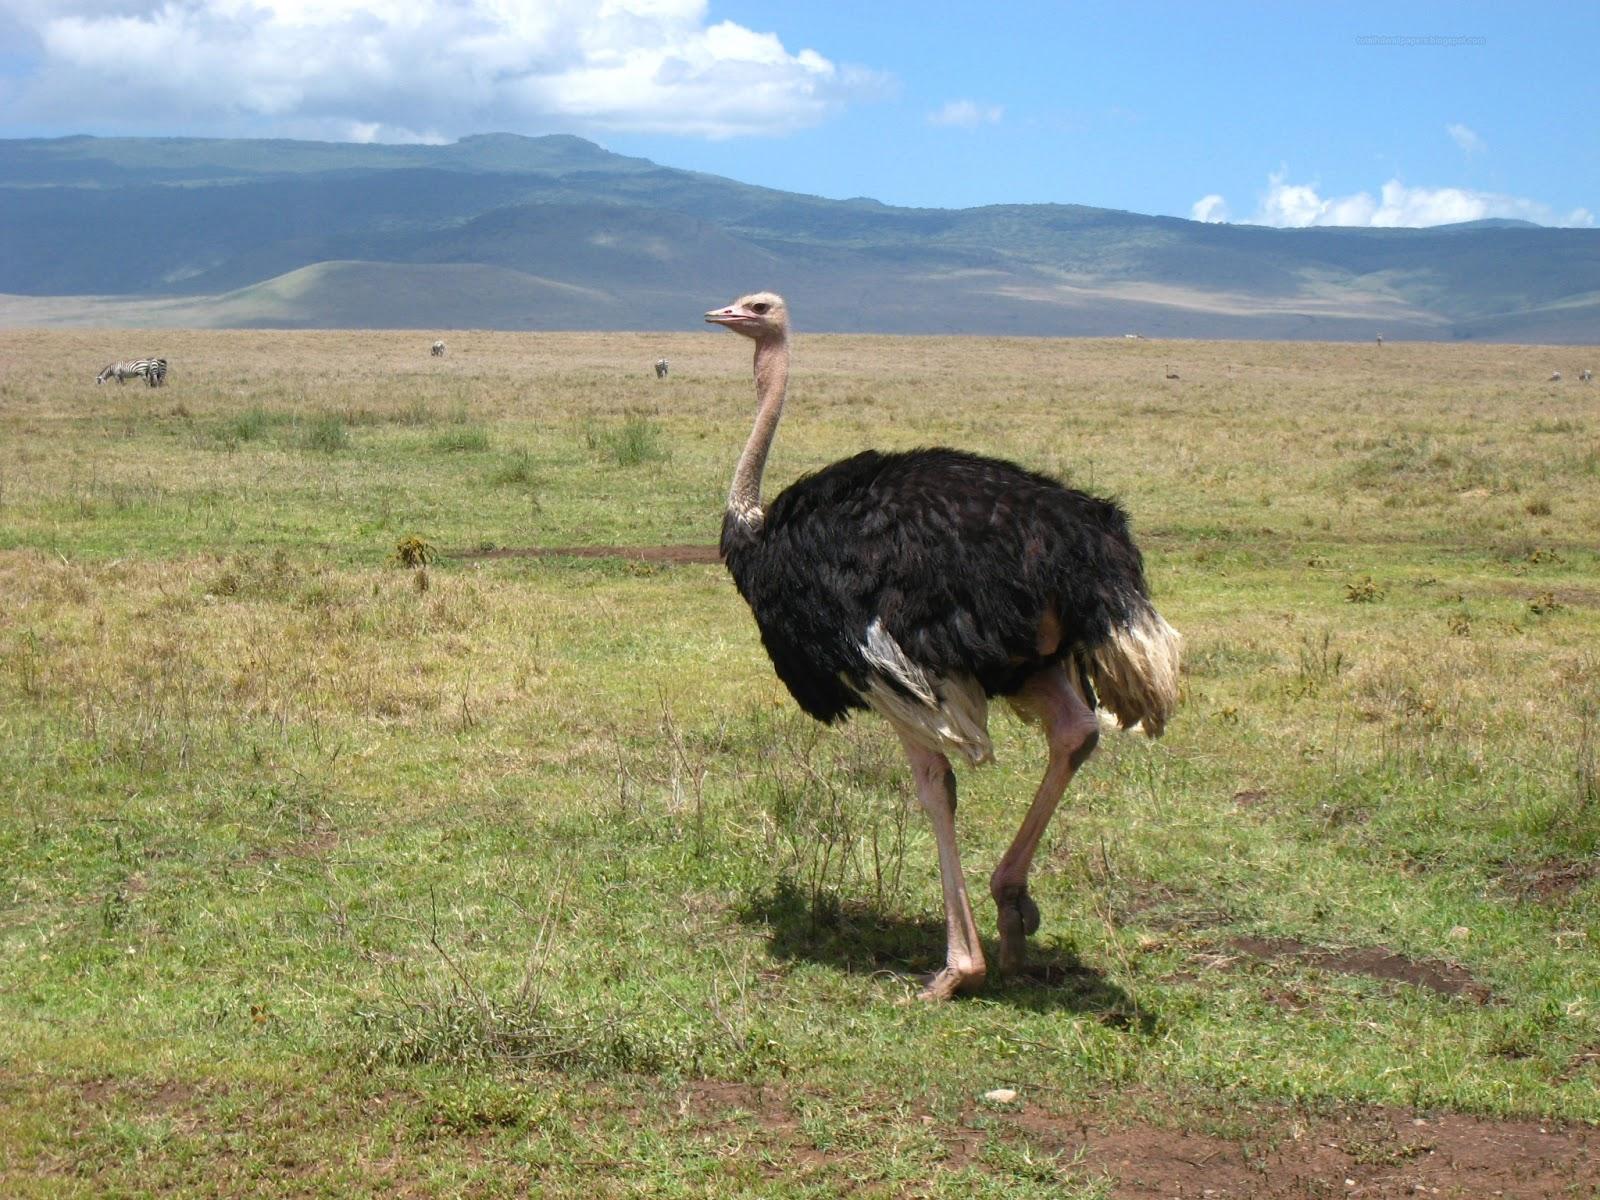 birds desert ostrich hd - photo #7